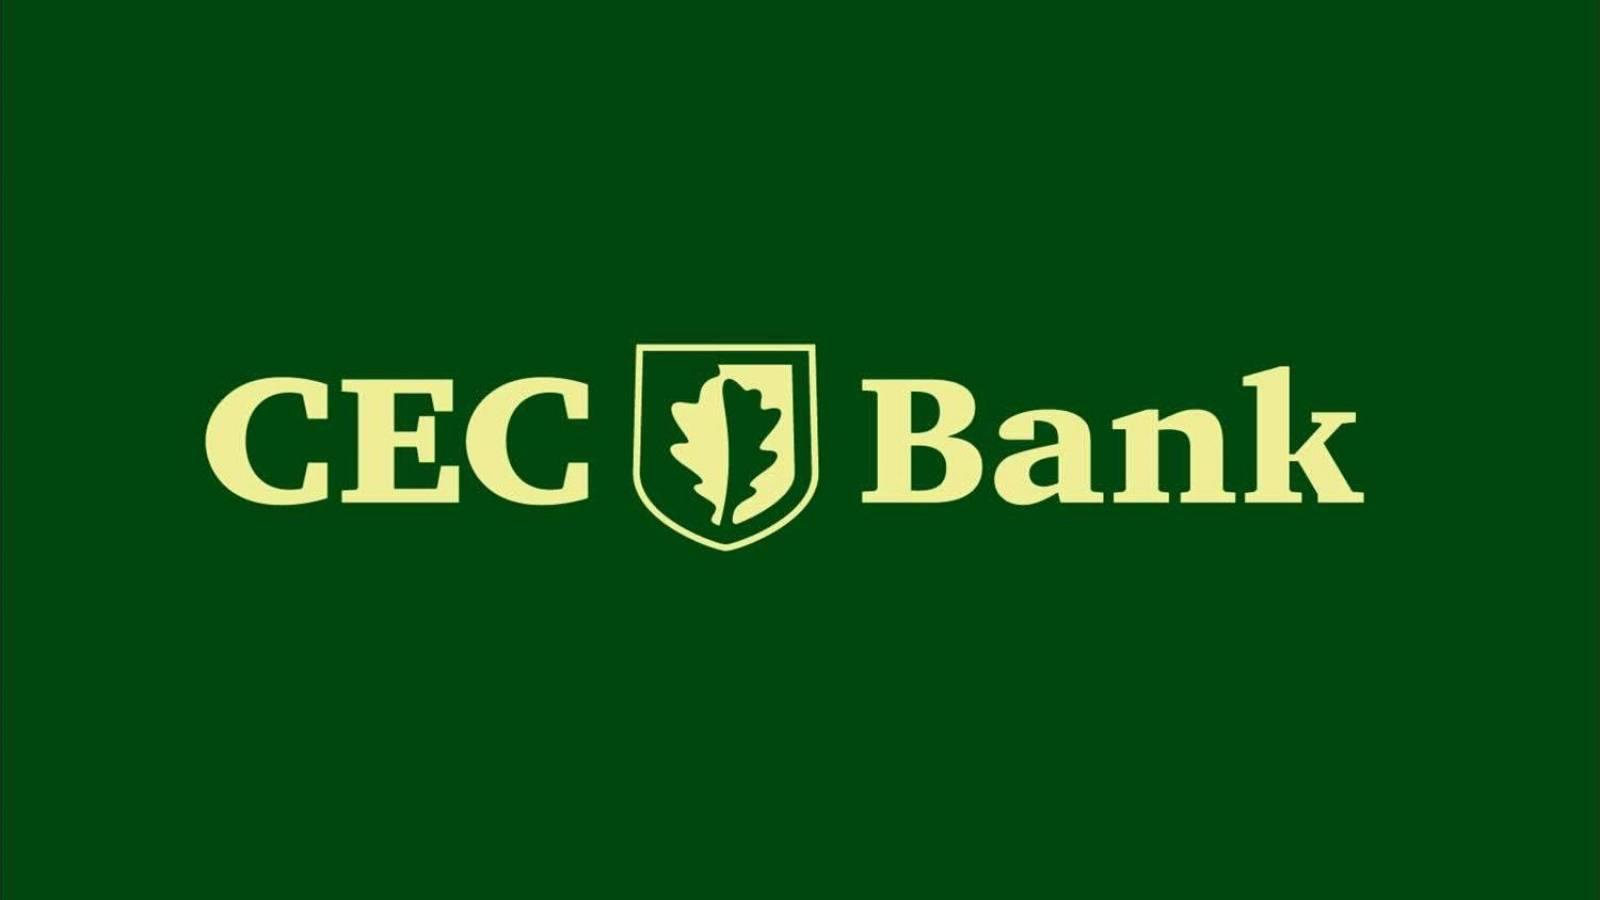 CEC Bank impiedicare